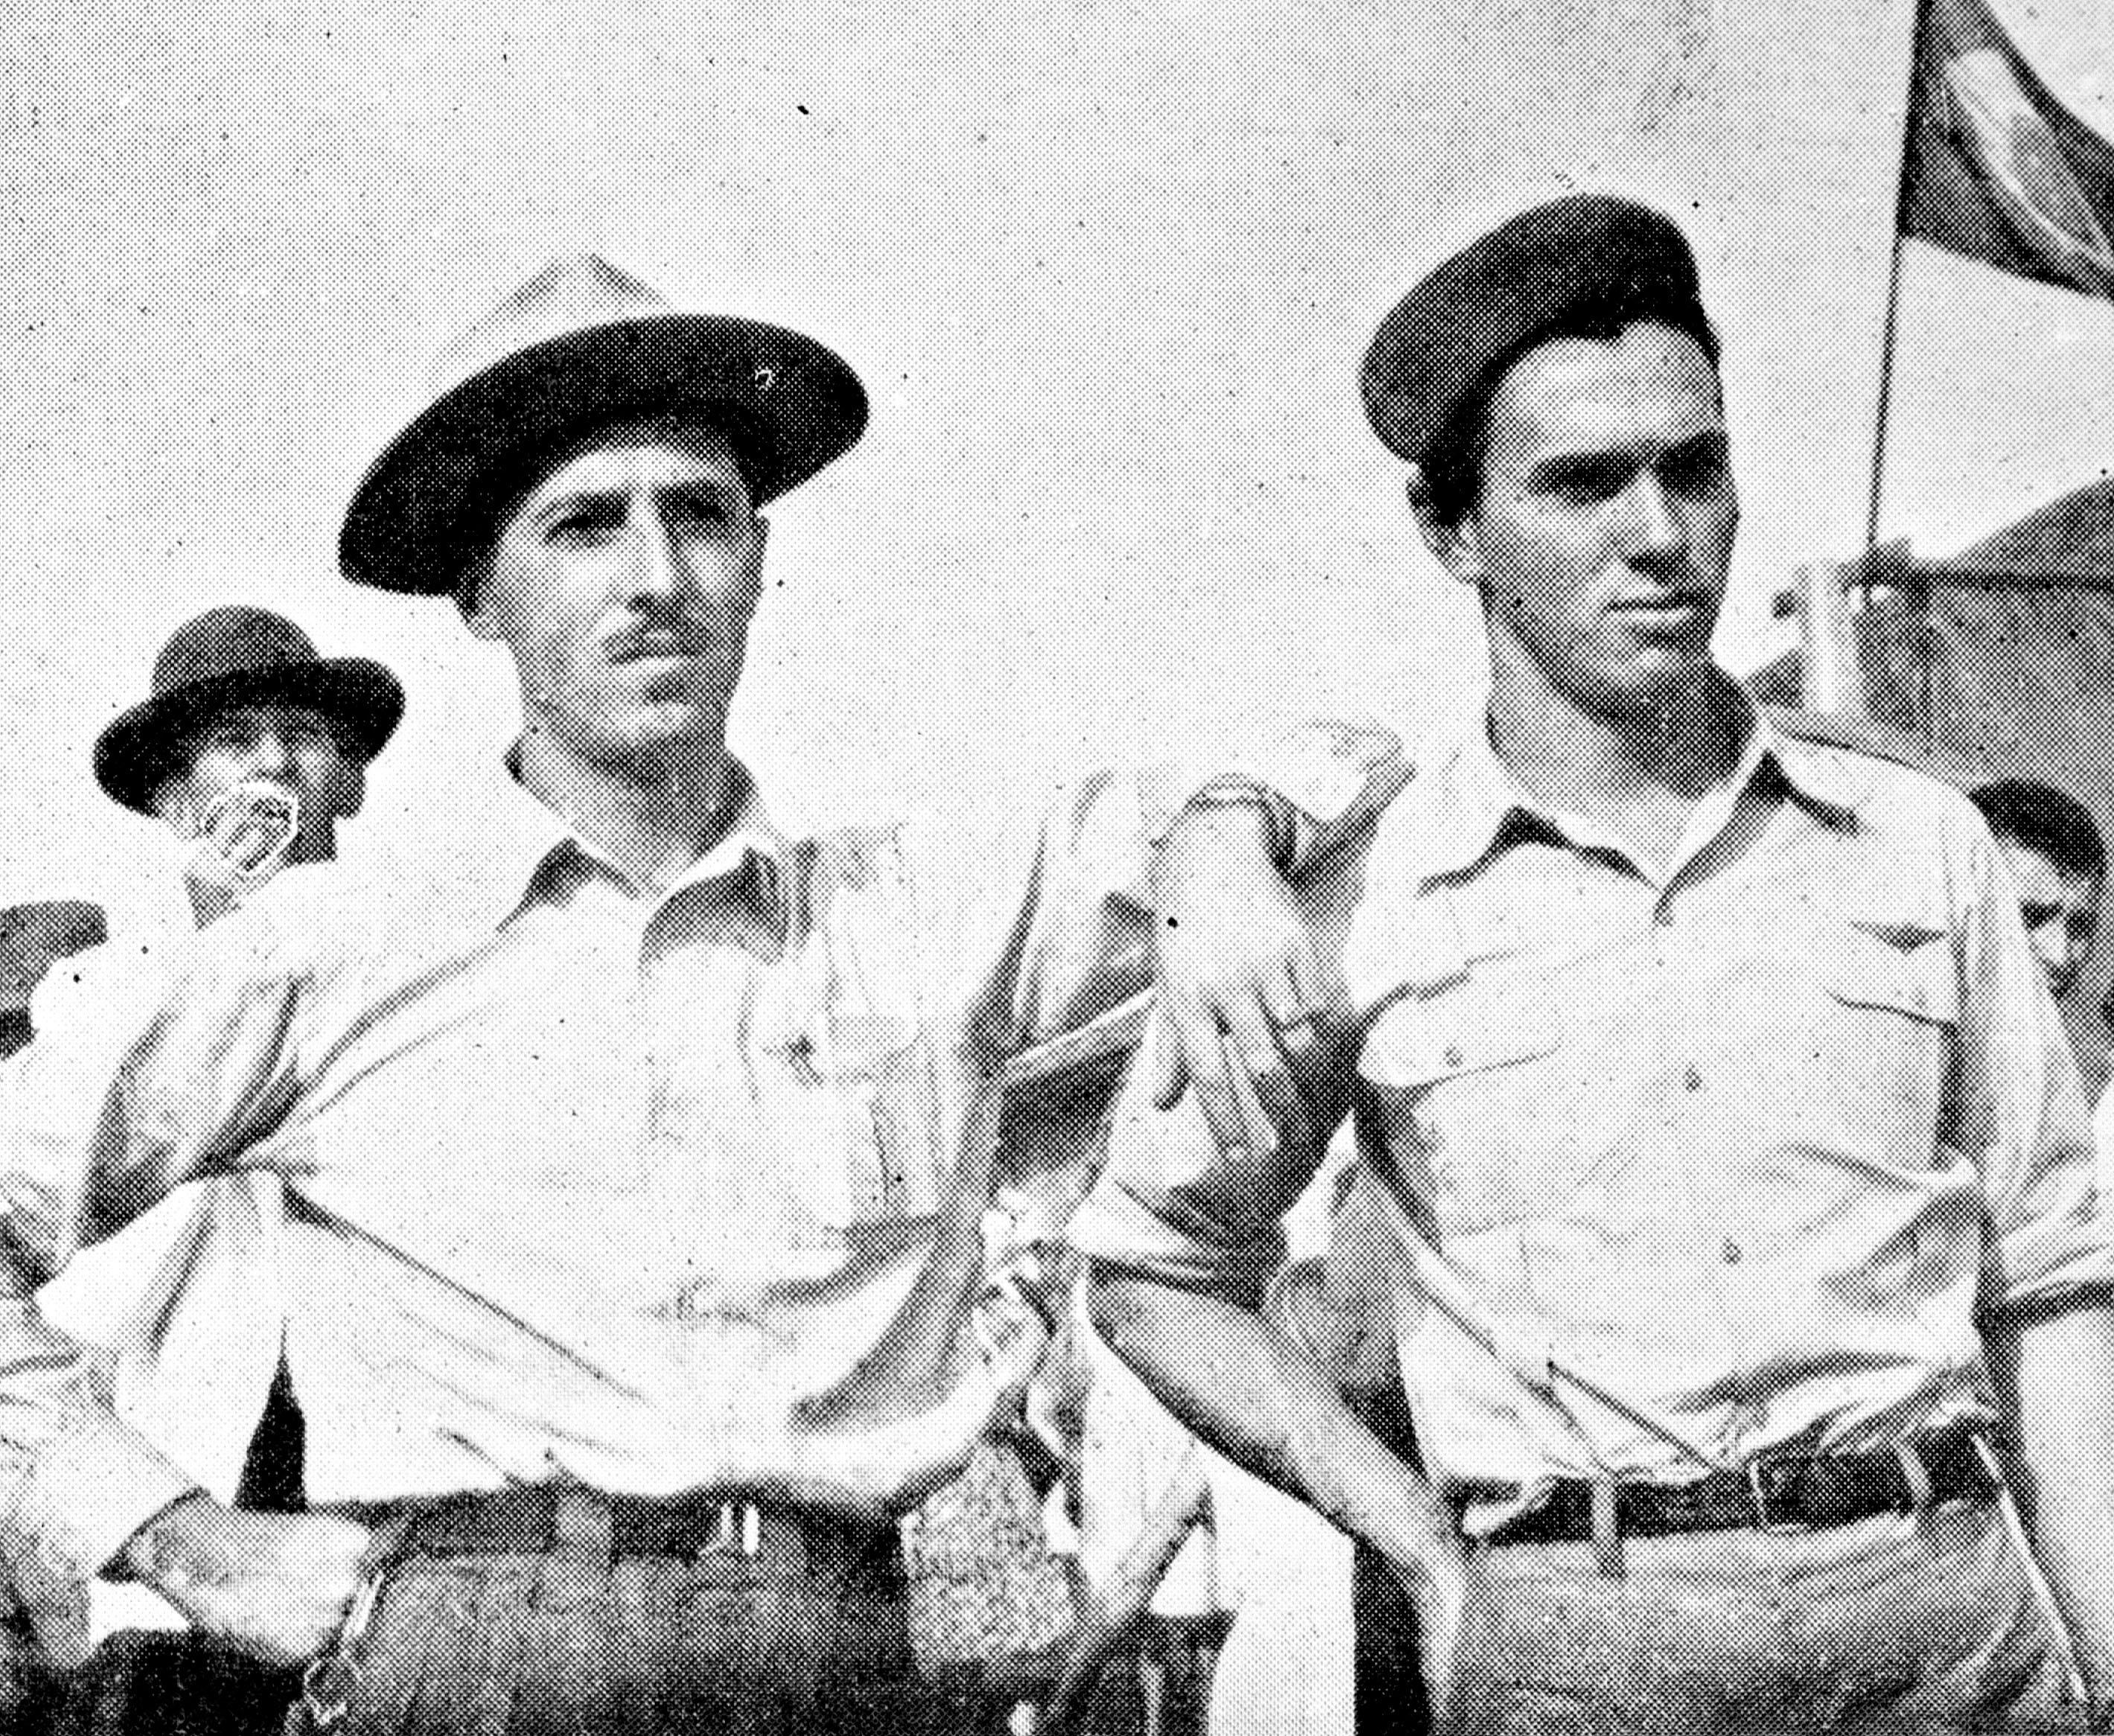 Pilotos no campo de aviação - 1949